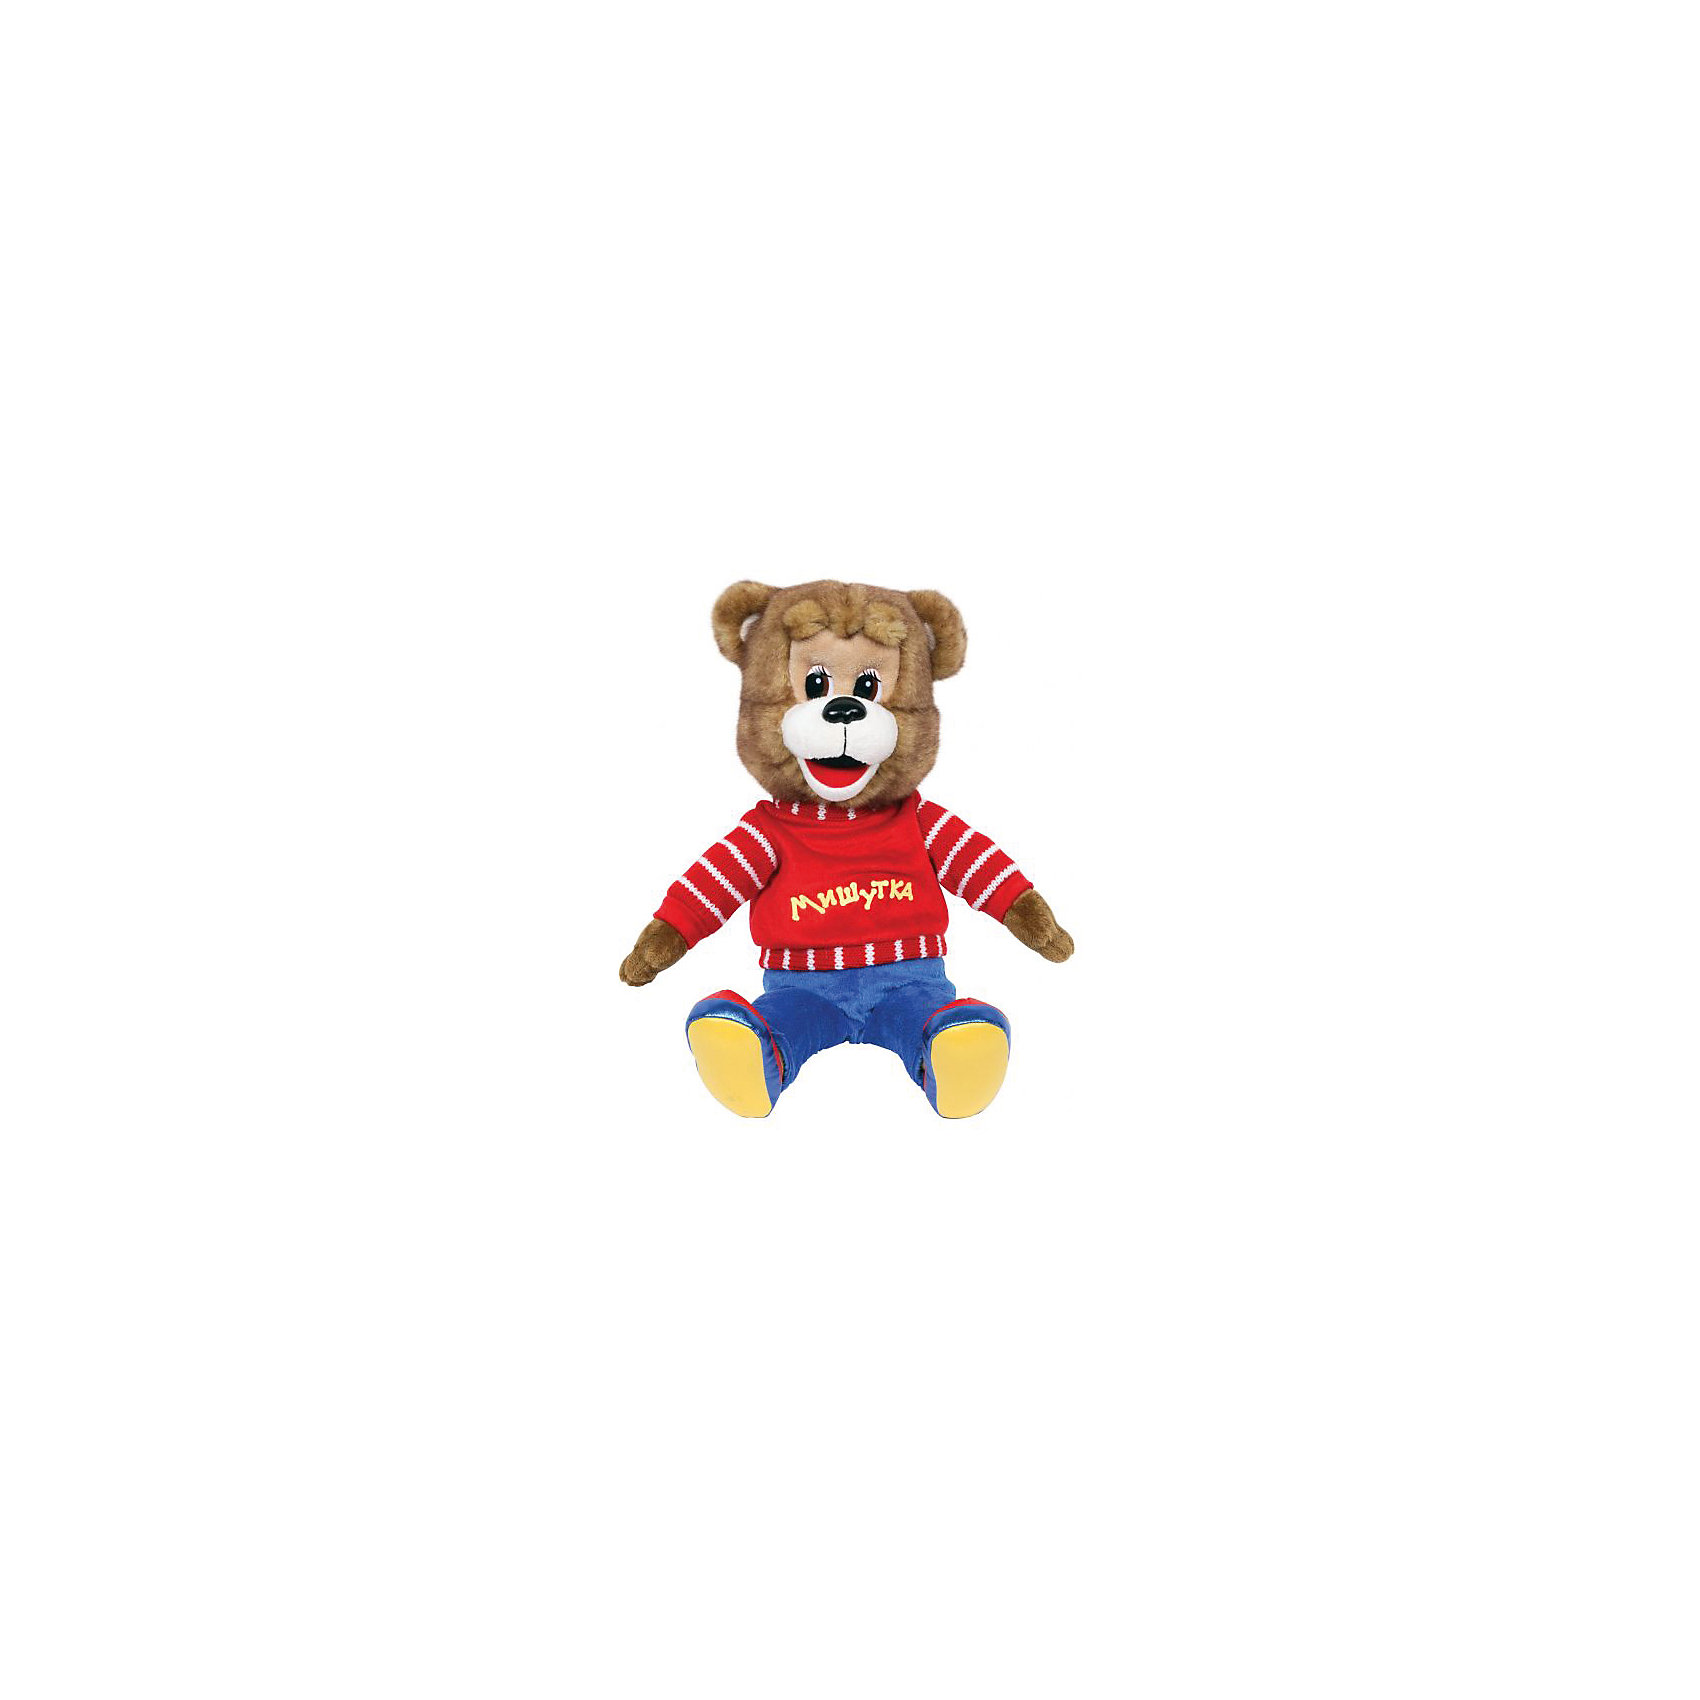 МУЛЬТИ-ПУЛЬТИ Мягкая игрушка Мишутка, 23 см, со звуком, МУЛЬТИ-ПУЛЬТИ мульти пульти мягкая игрушка чебурашка со звуком мульти пульти